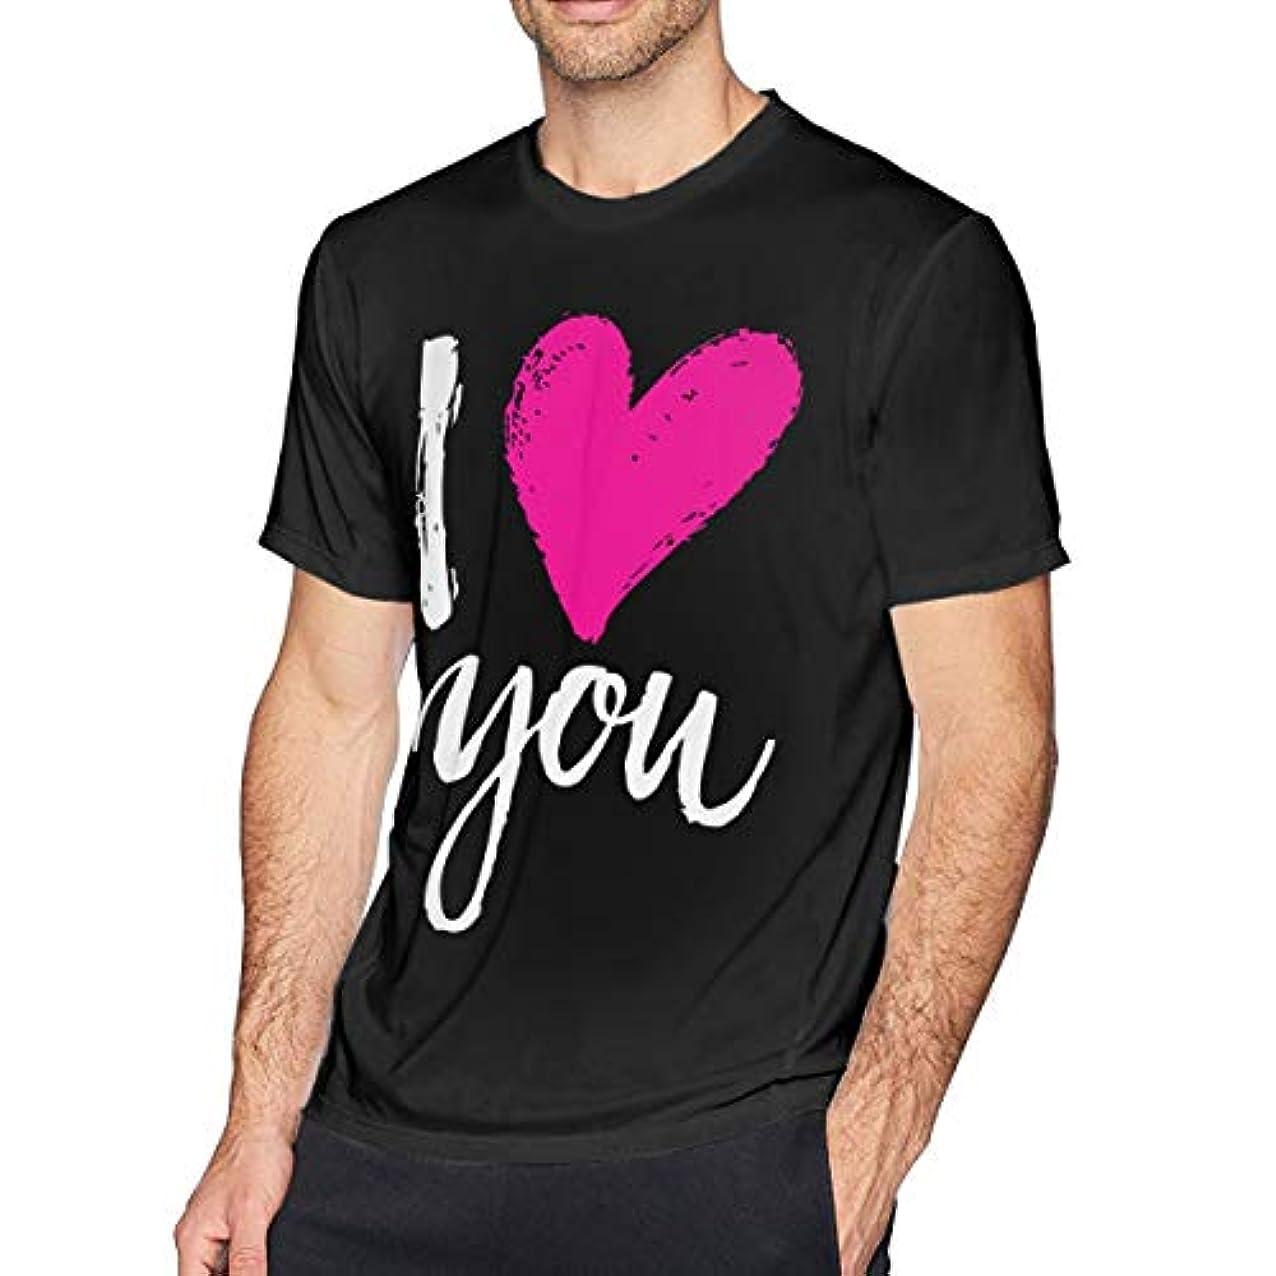 シール行くスタウト男の 半袖の純綿のTシャツ, 経典の あなたのことが好きです ジャージ 対する男, 円襟